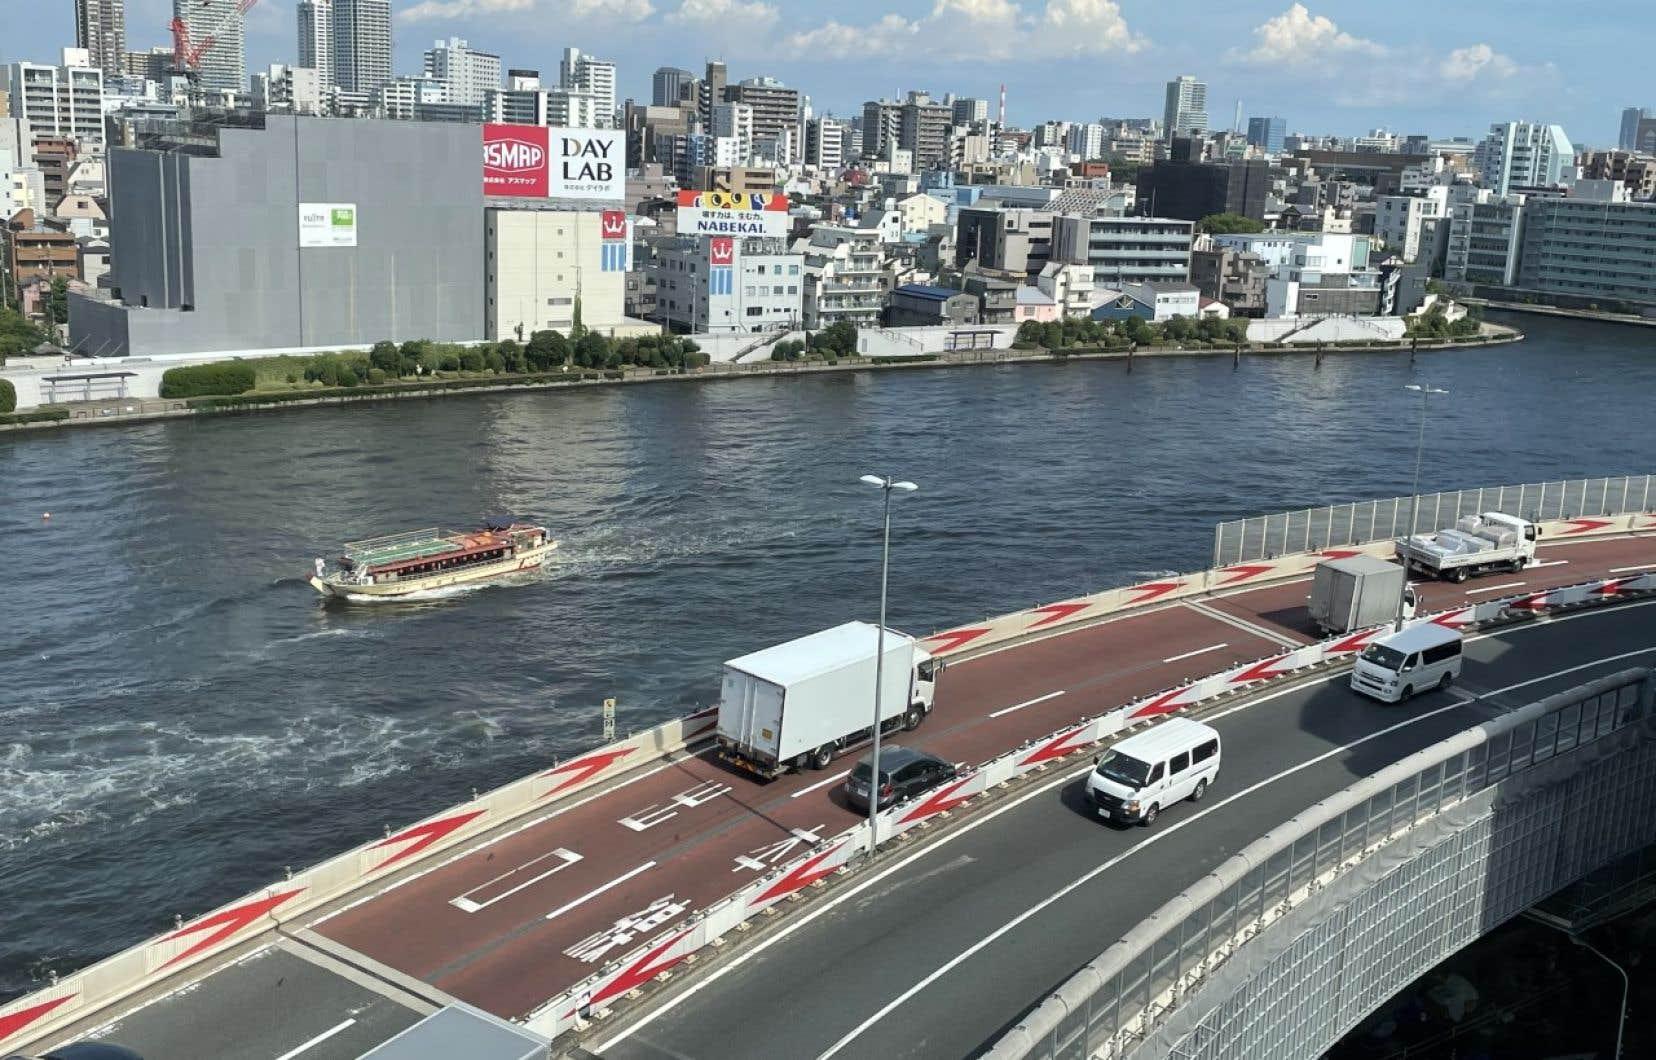 Juché au 11eet dernier étage du petit hôtel, le bureau dispose d'une fenêtre avec vue sur le fleuve Sumida et l'autoroute urbaine 6.C'est là qu'on travaille, qu'on mange et qu'on dort.